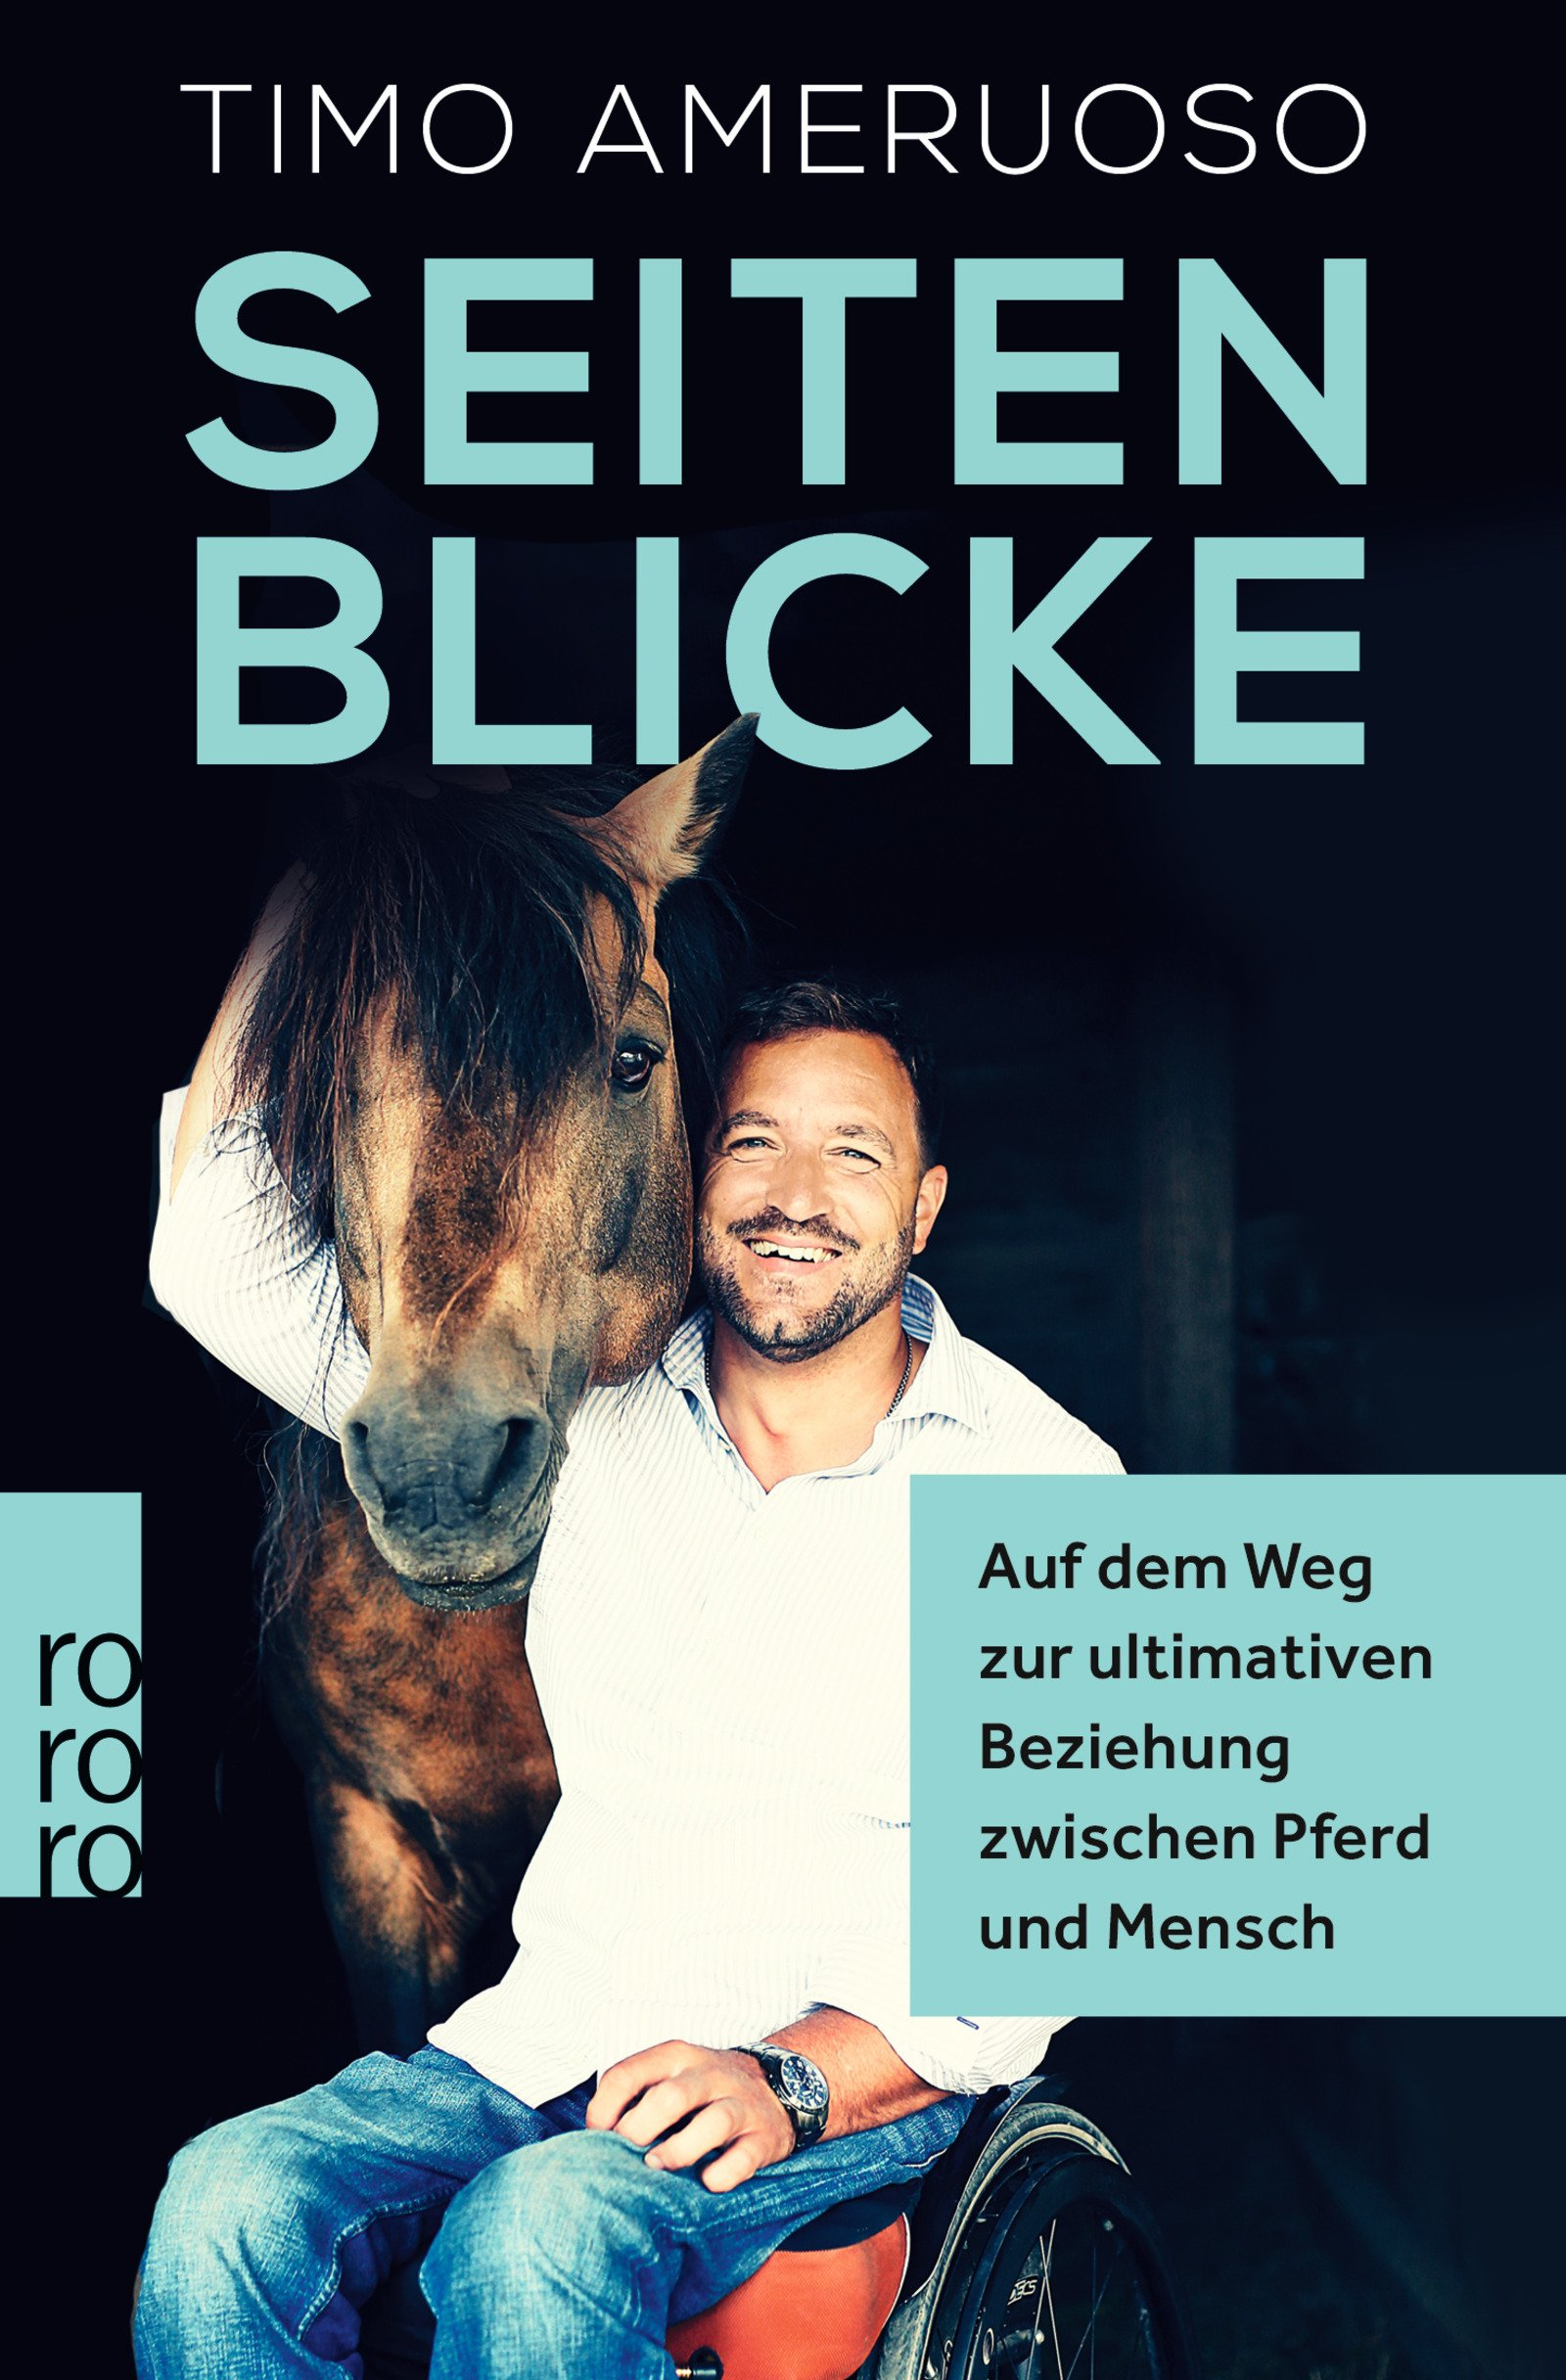 Seitenblicke: Auf dem Weg zur ultimativen Beziehung zwischen Pferd und Mensch Taschenbuch – 24. April 2018 Timo Ameruoso Rowohlt Taschenbuch 3499606666 Pferdesport